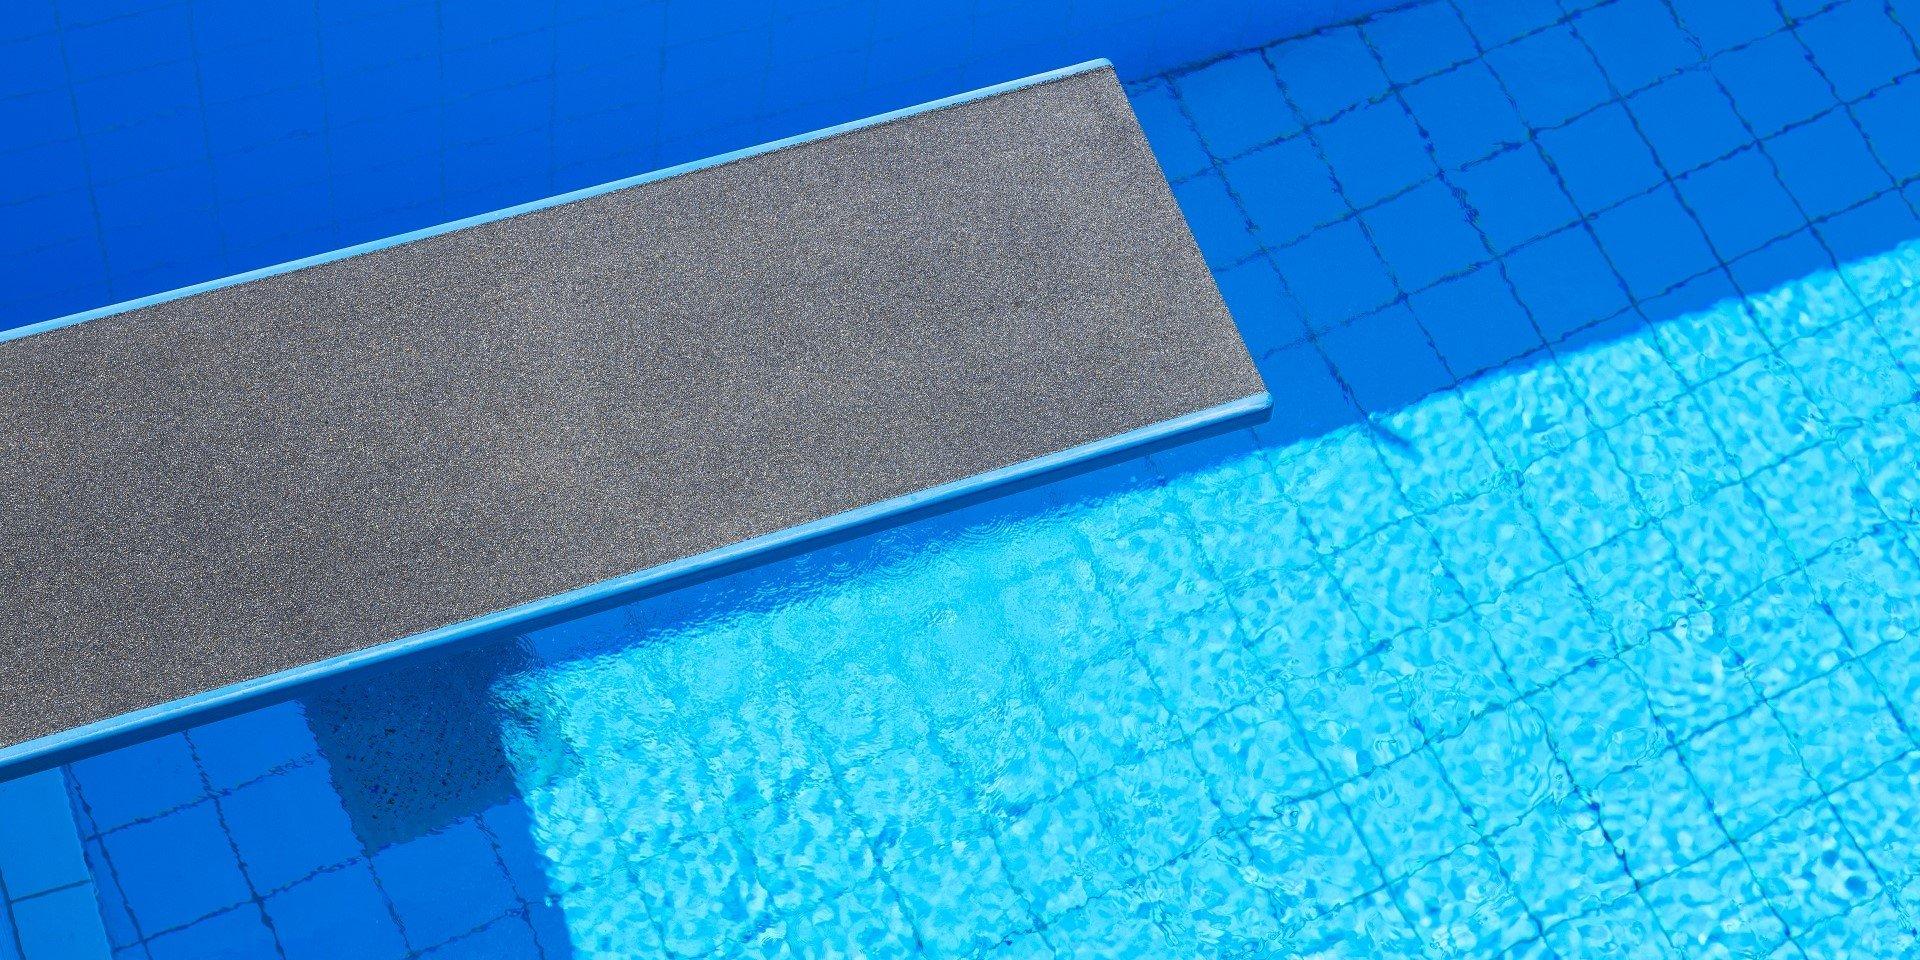 Panoramabad Engelskirchen Fliesen | Steuler Pool Linings